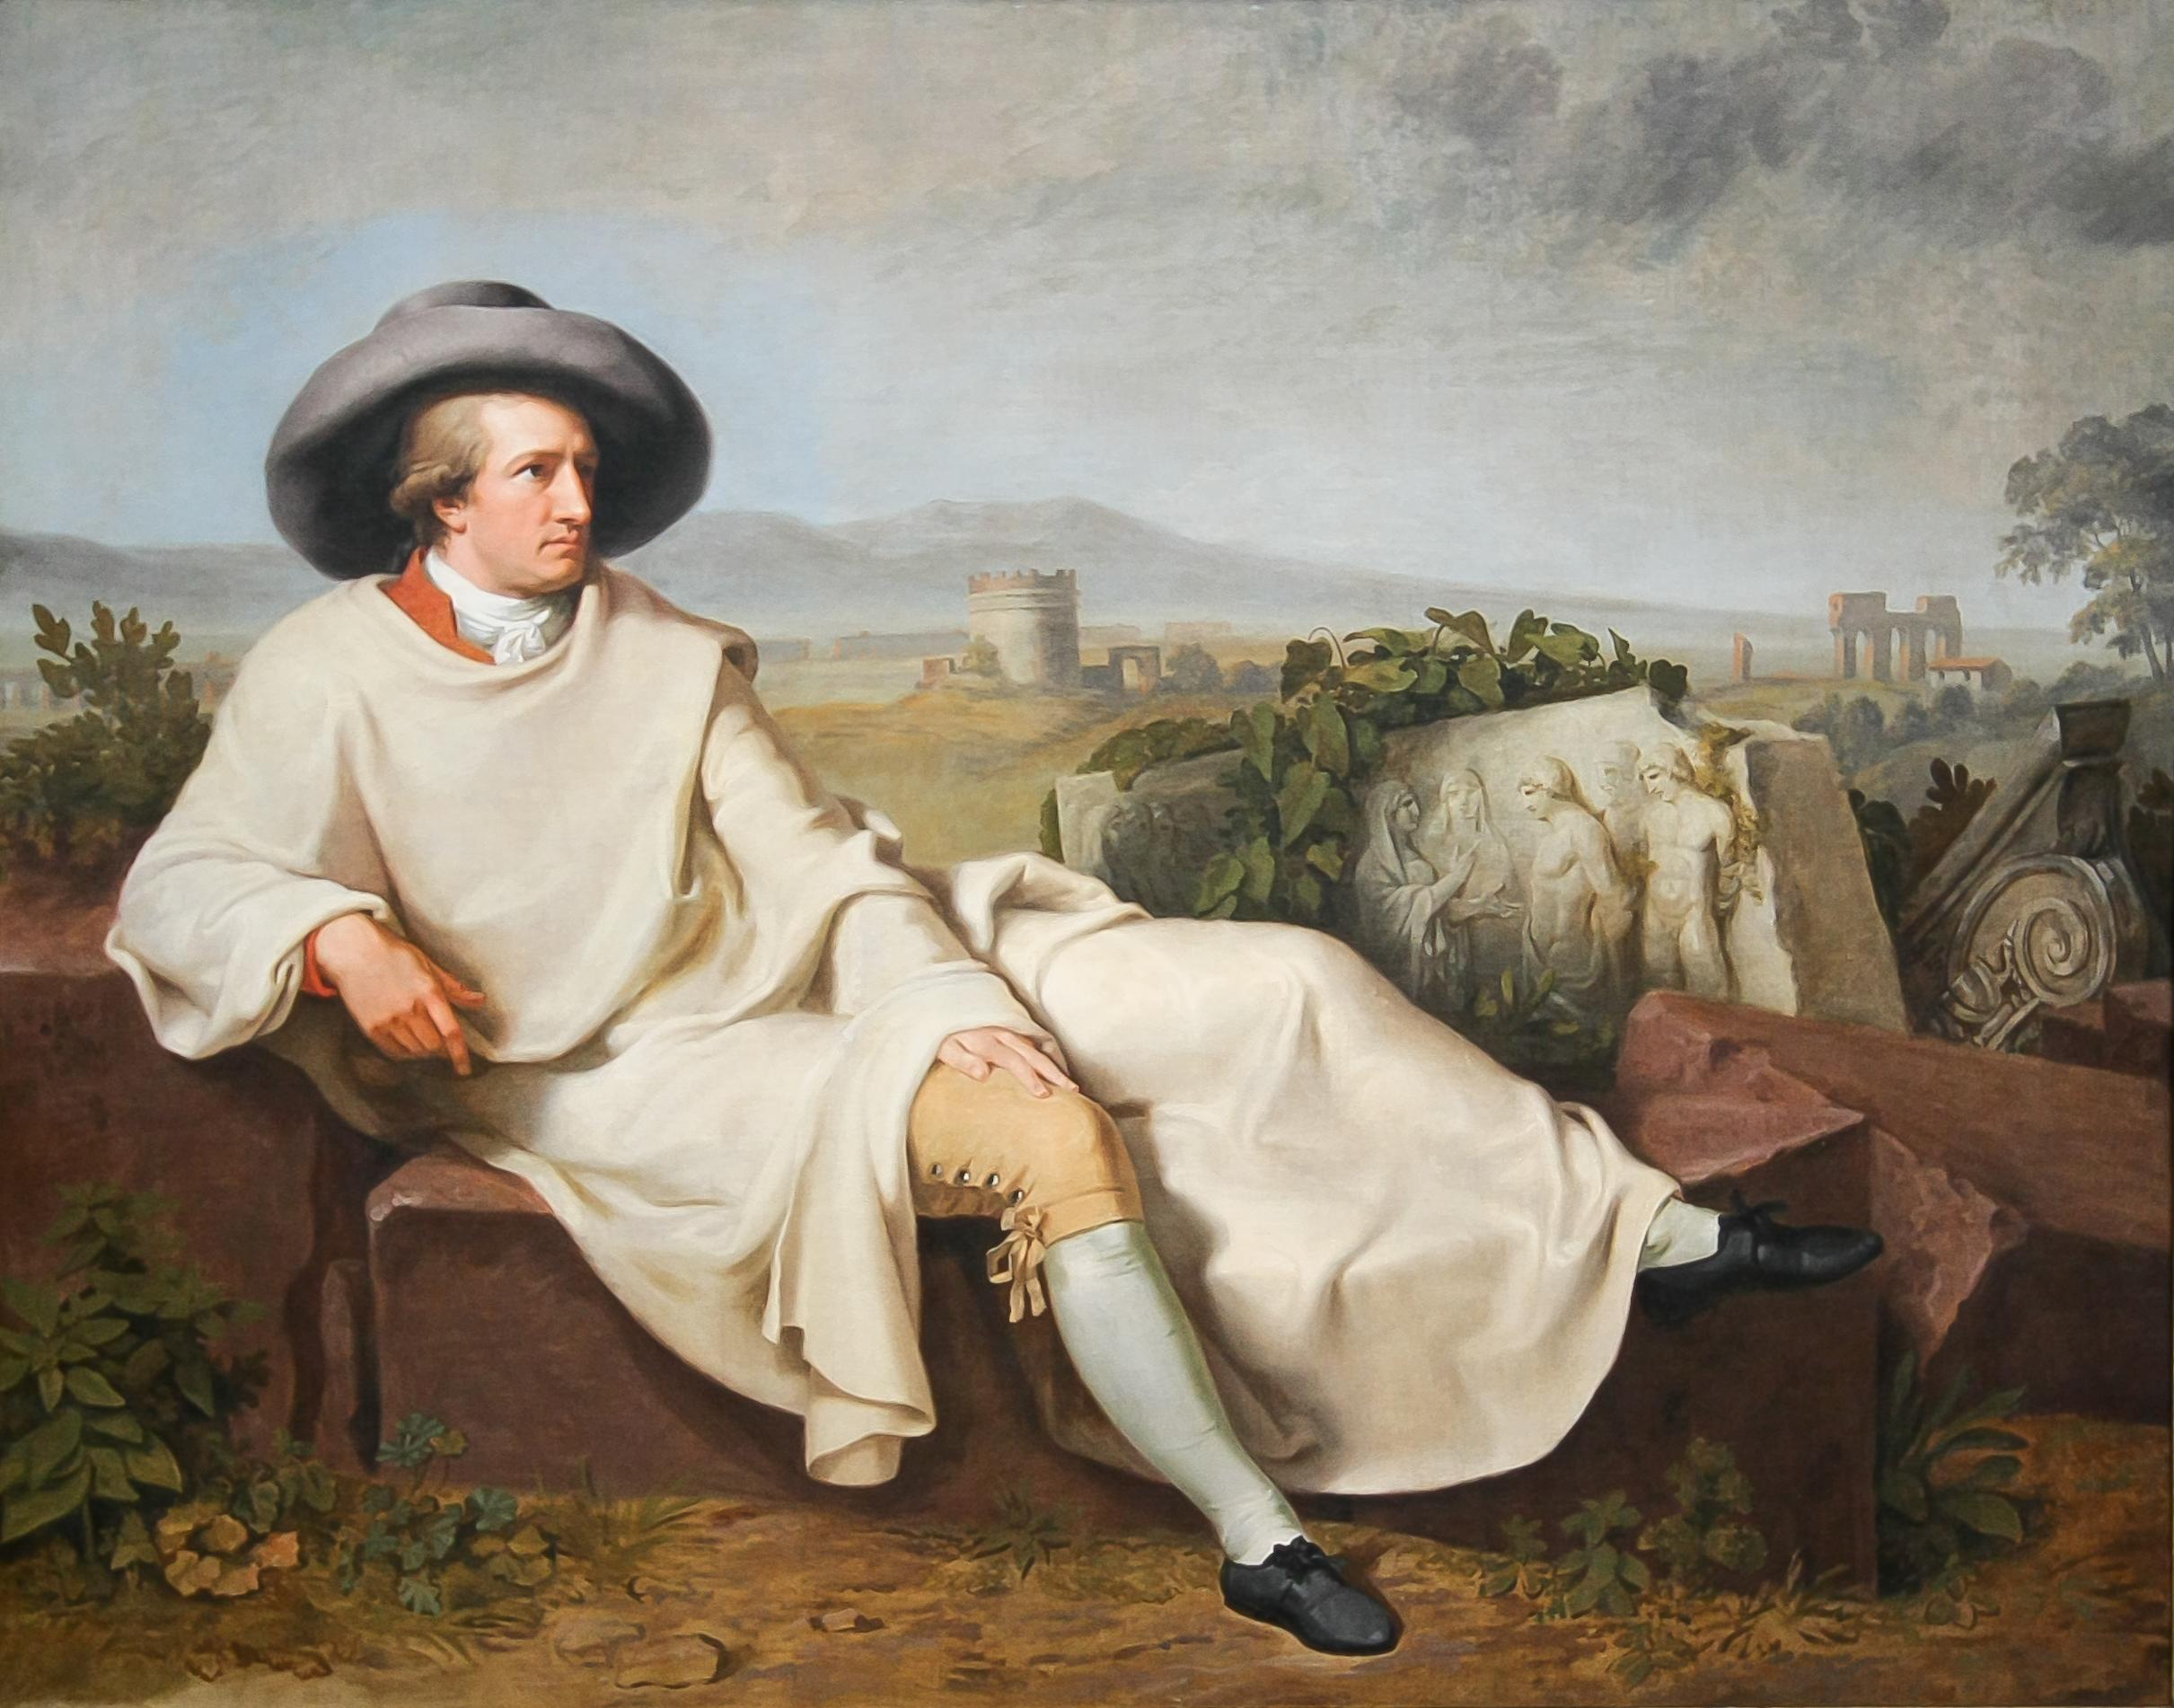 Hij woont bij Tischbein, die een groot schilderij van hem vervaardigt. Johann Heinrich Wilhelm Tischbein, Portret van Goethe